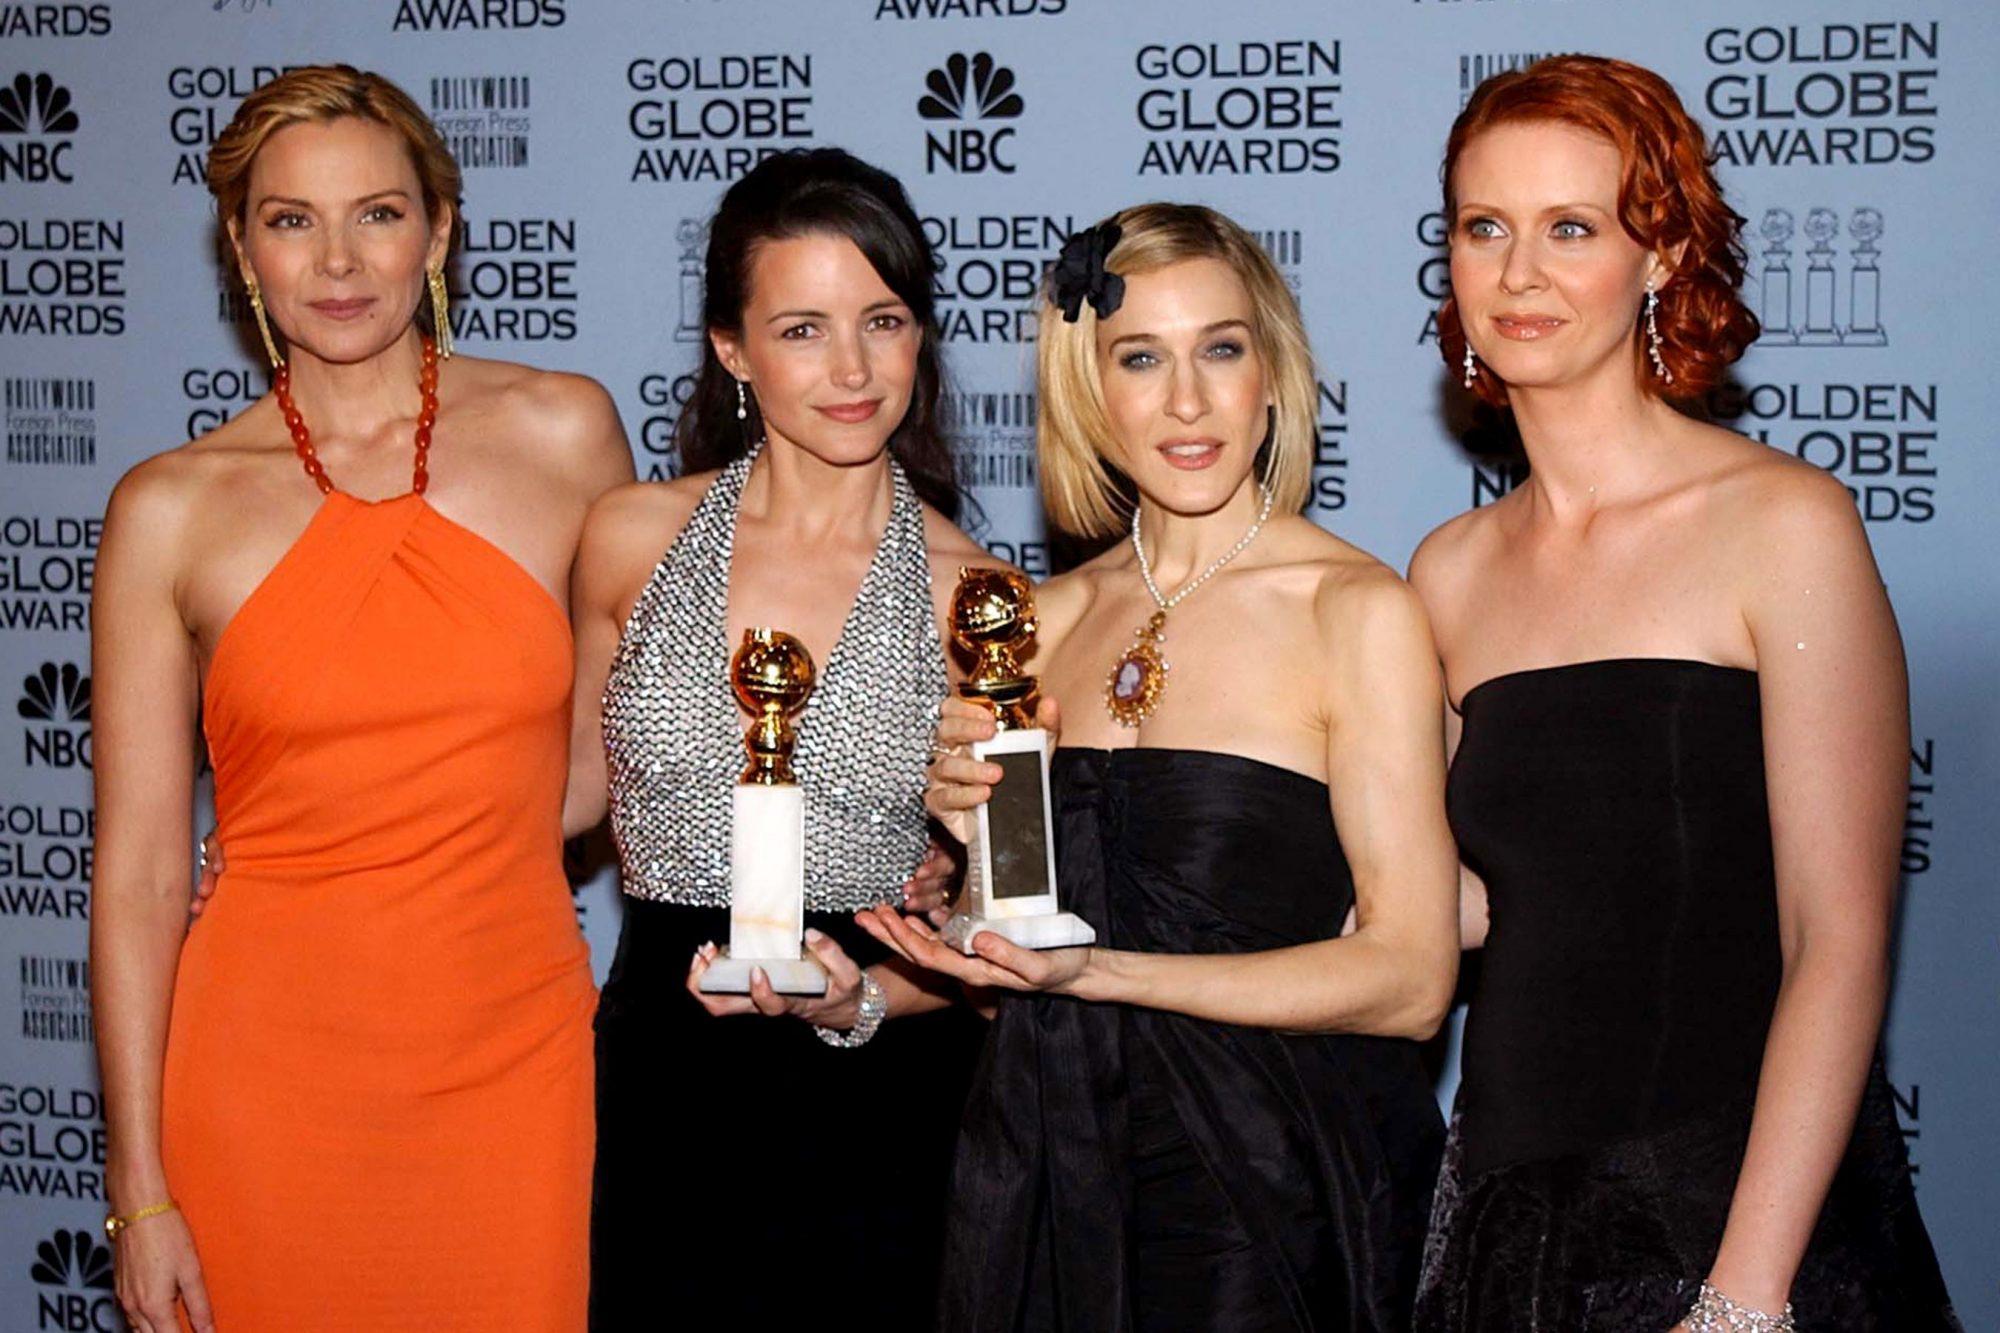 Golden Globes 2001